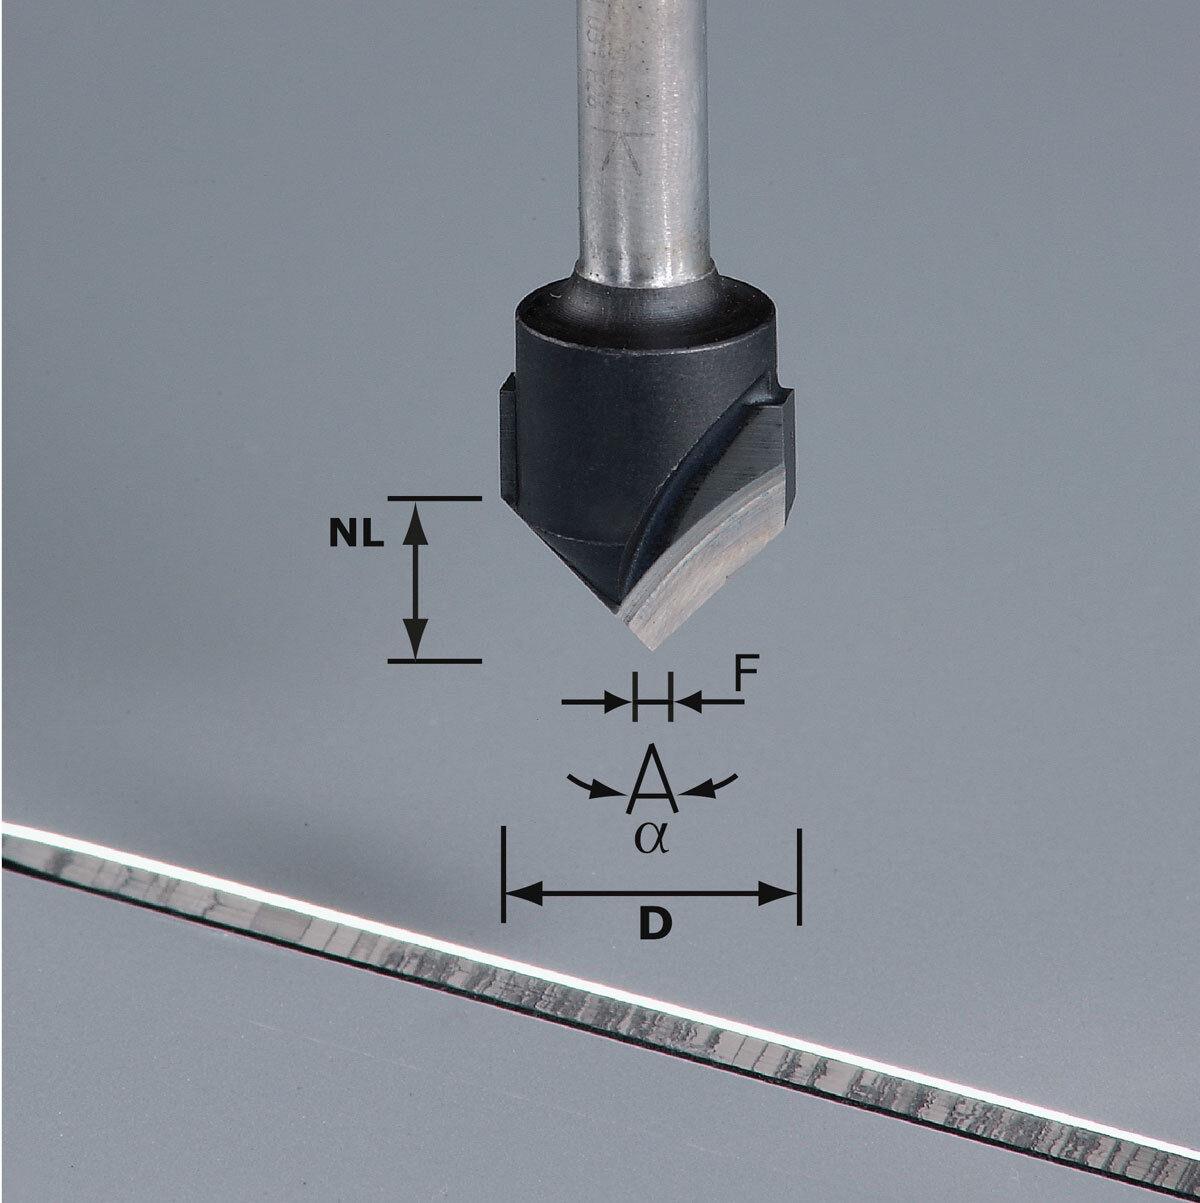 FESTOOL V-Nutfräser mm HW Schaft 8 mm V-Nutfräser HW S8 D18-90° (Alu) - 491444 123054